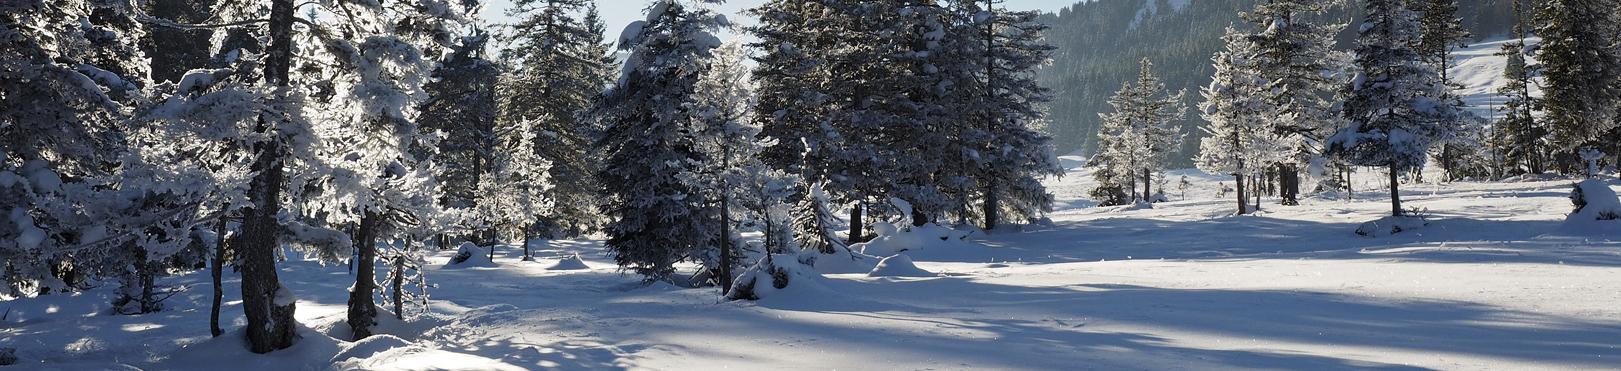 Montagne aventure - Sylvain Poncet - Alpes / Jura / Etranger